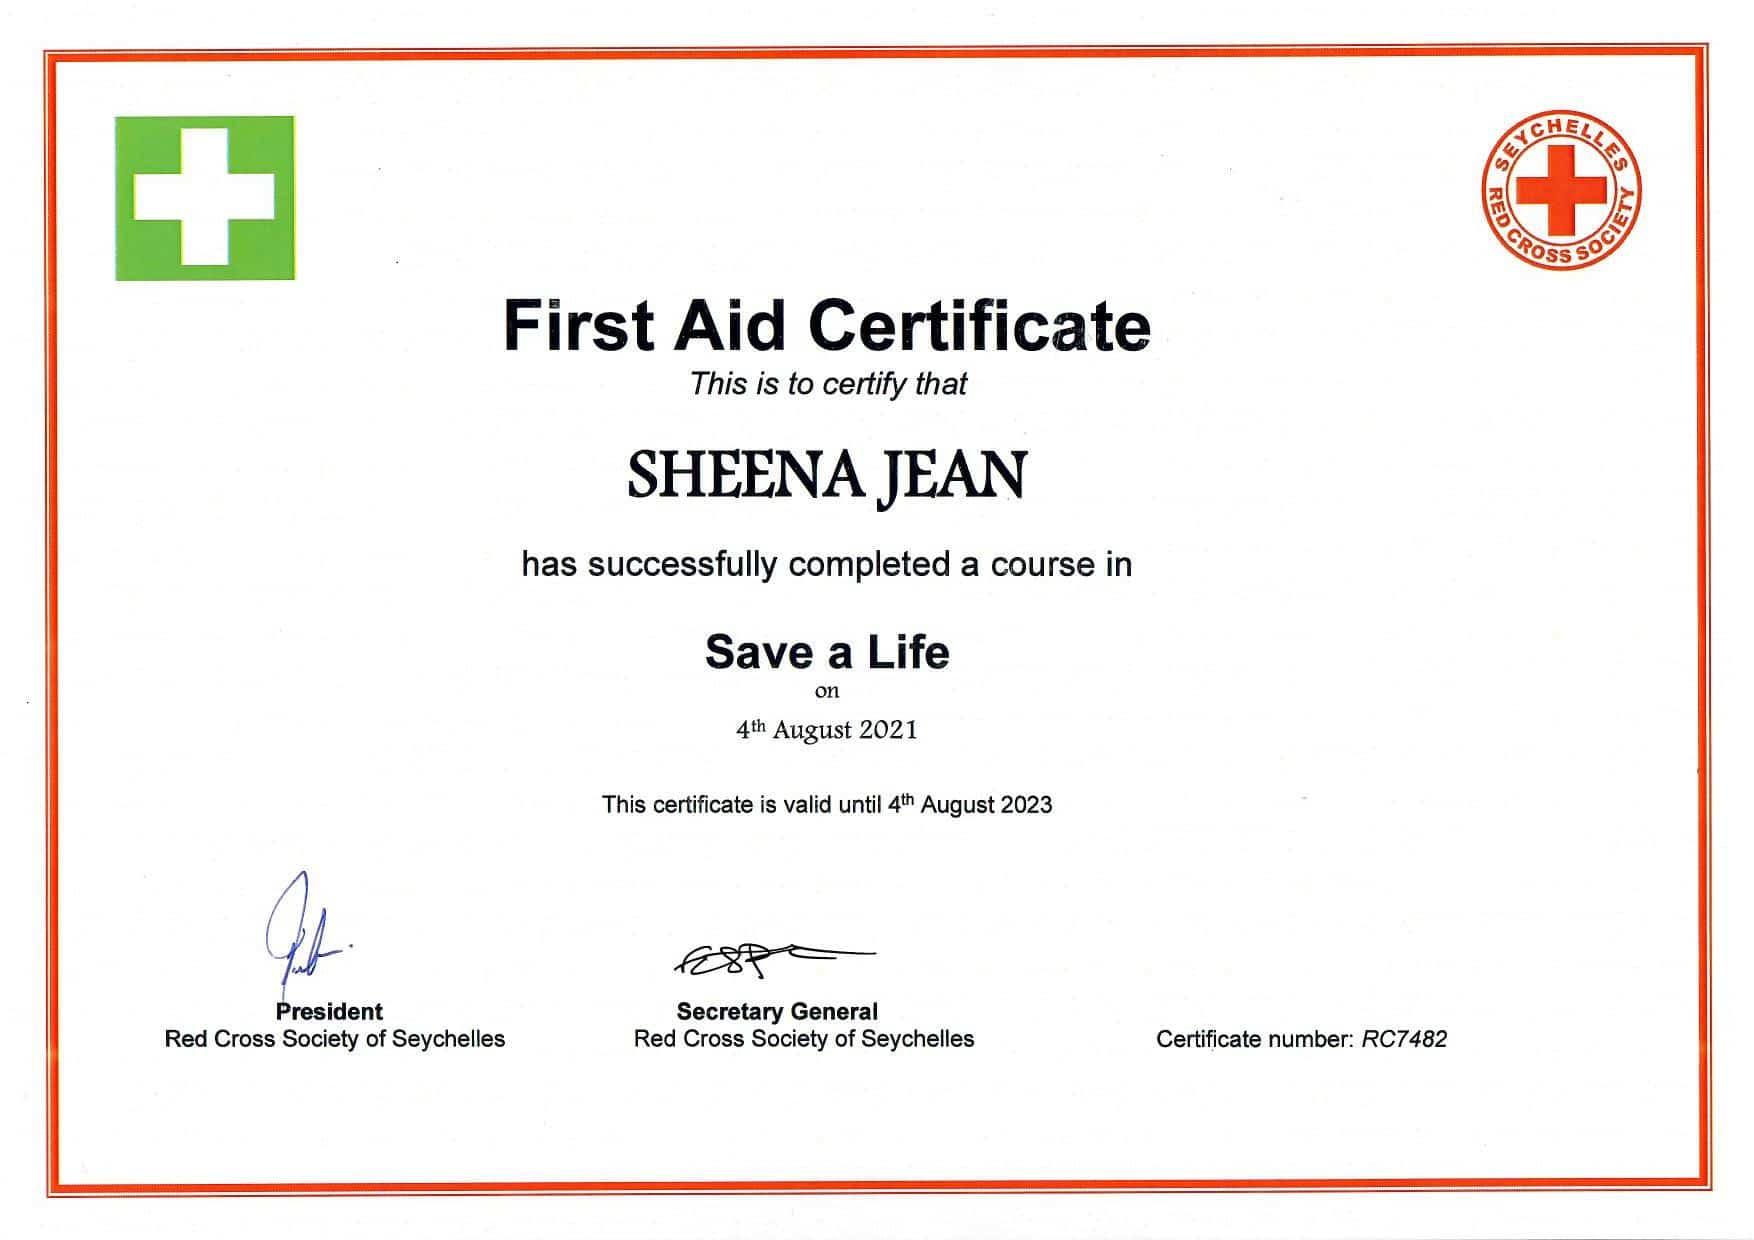 Första hjälpen Sheena 04.08.21